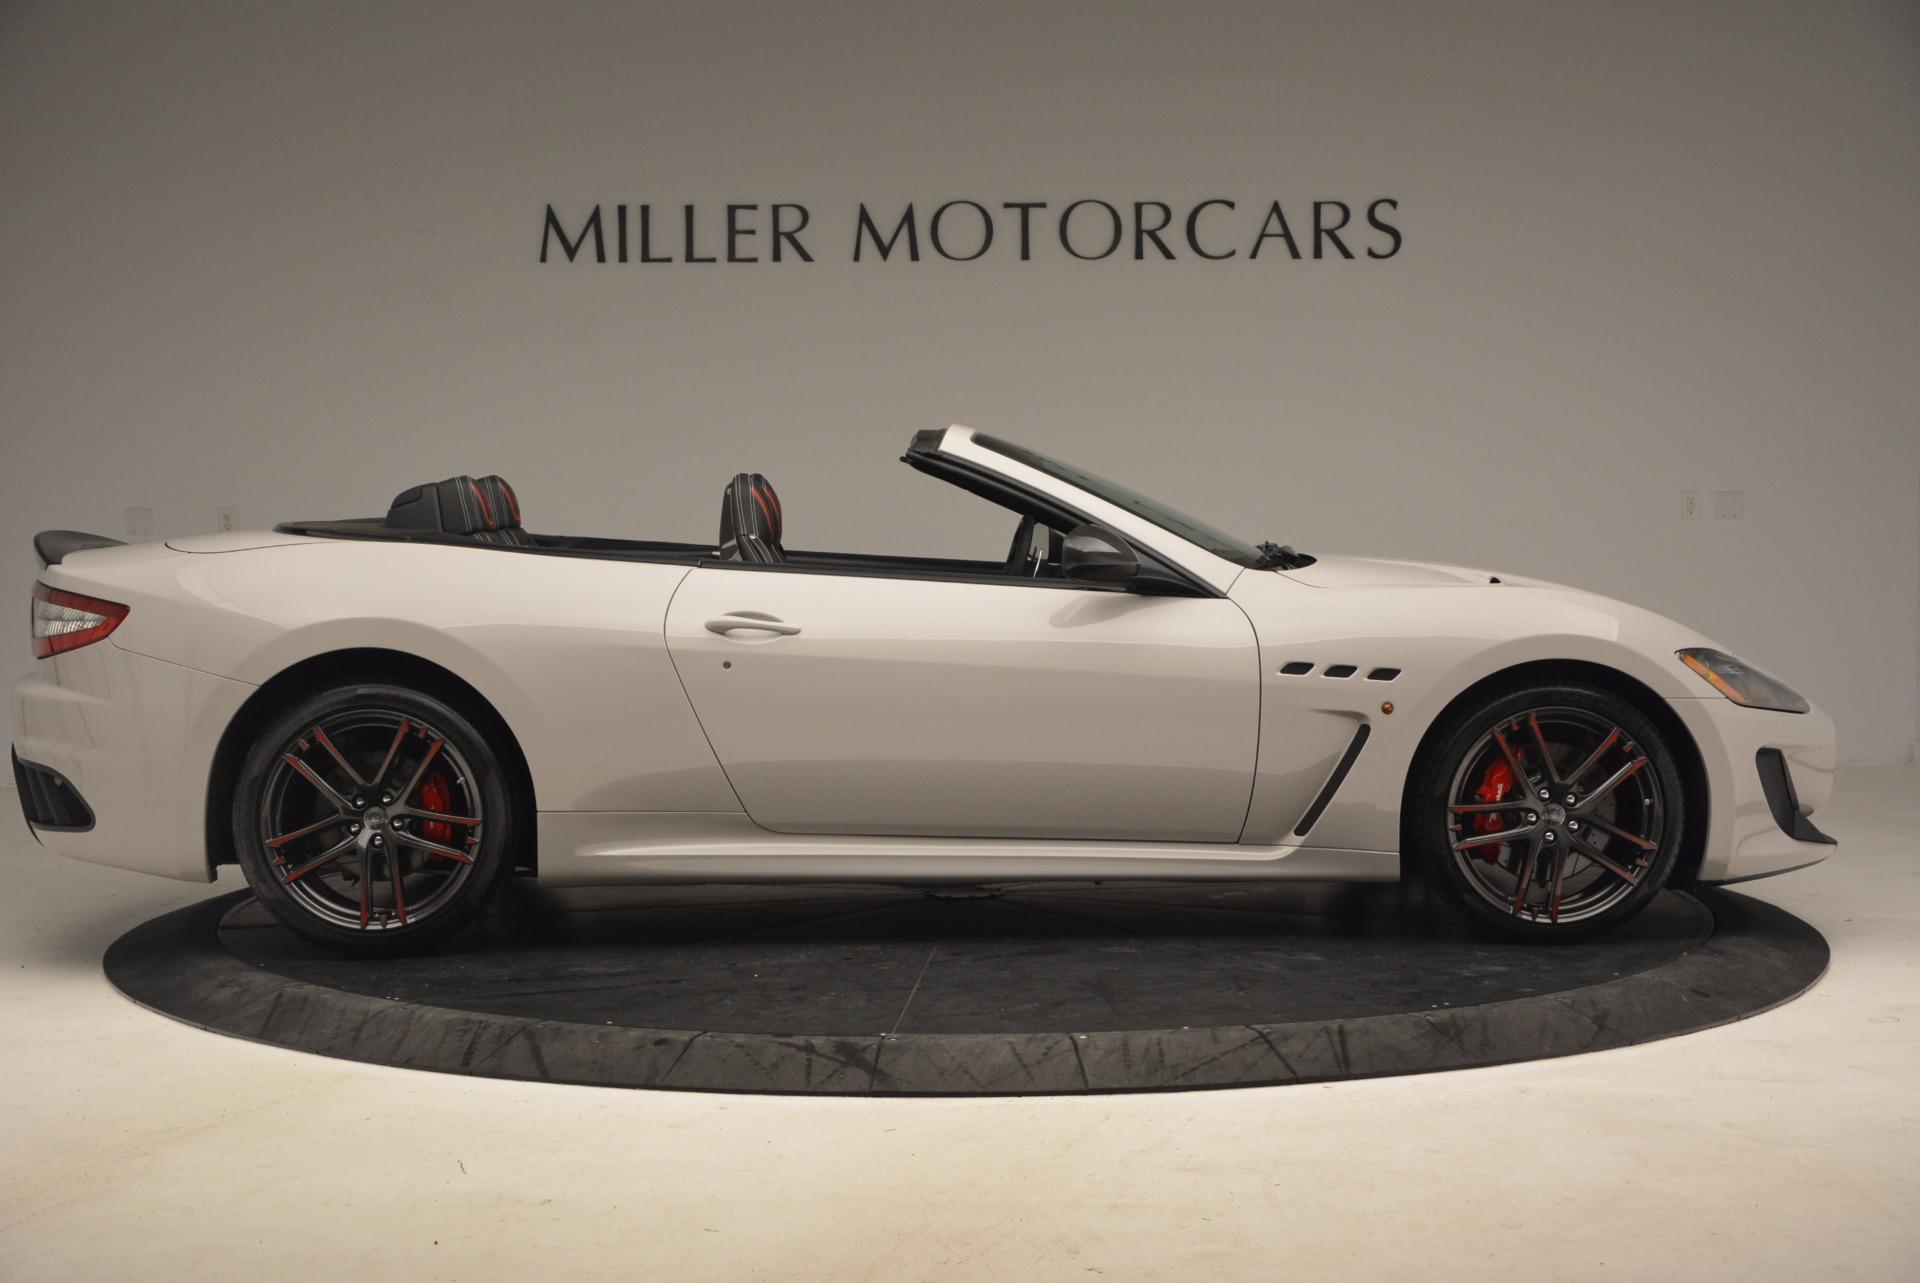 Used 2015 Maserati GranTurismo MC Centennial For Sale In Greenwich, CT. Alfa Romeo of Greenwich, 7187 1107_p9